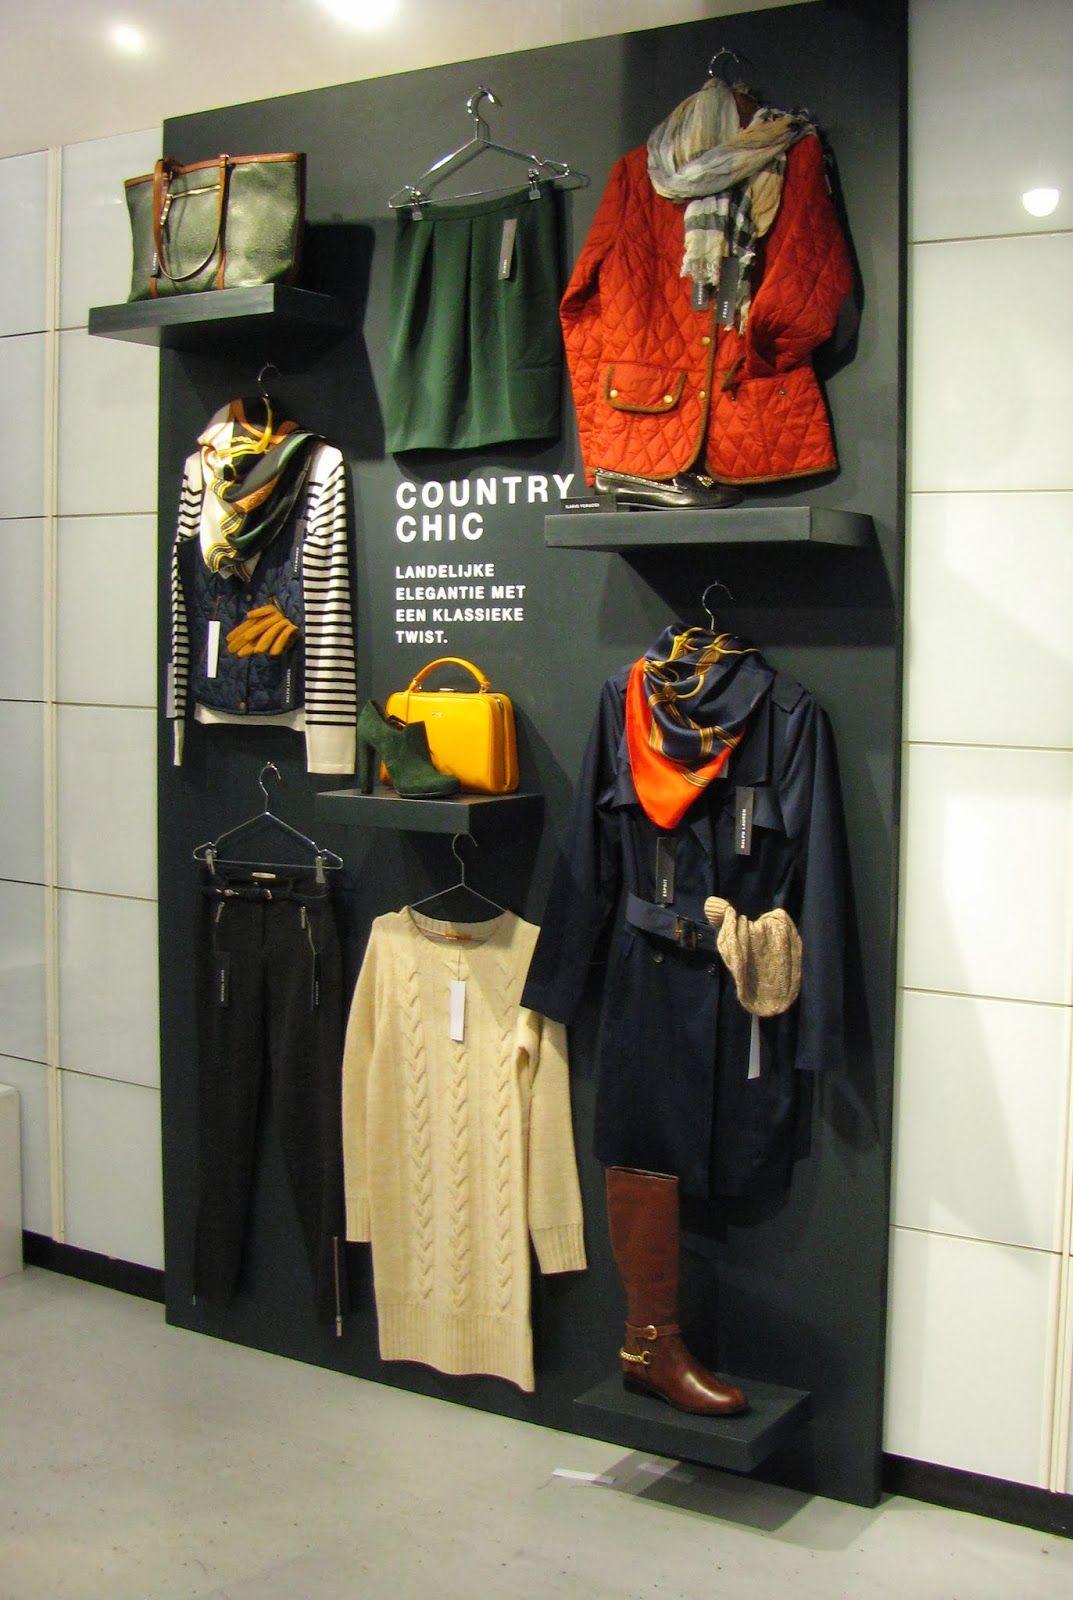 4385d30169c8 Diseño De Interiores Comerciales, Interiores De Tienda, Local De Ropa,  Expositores, Decorar